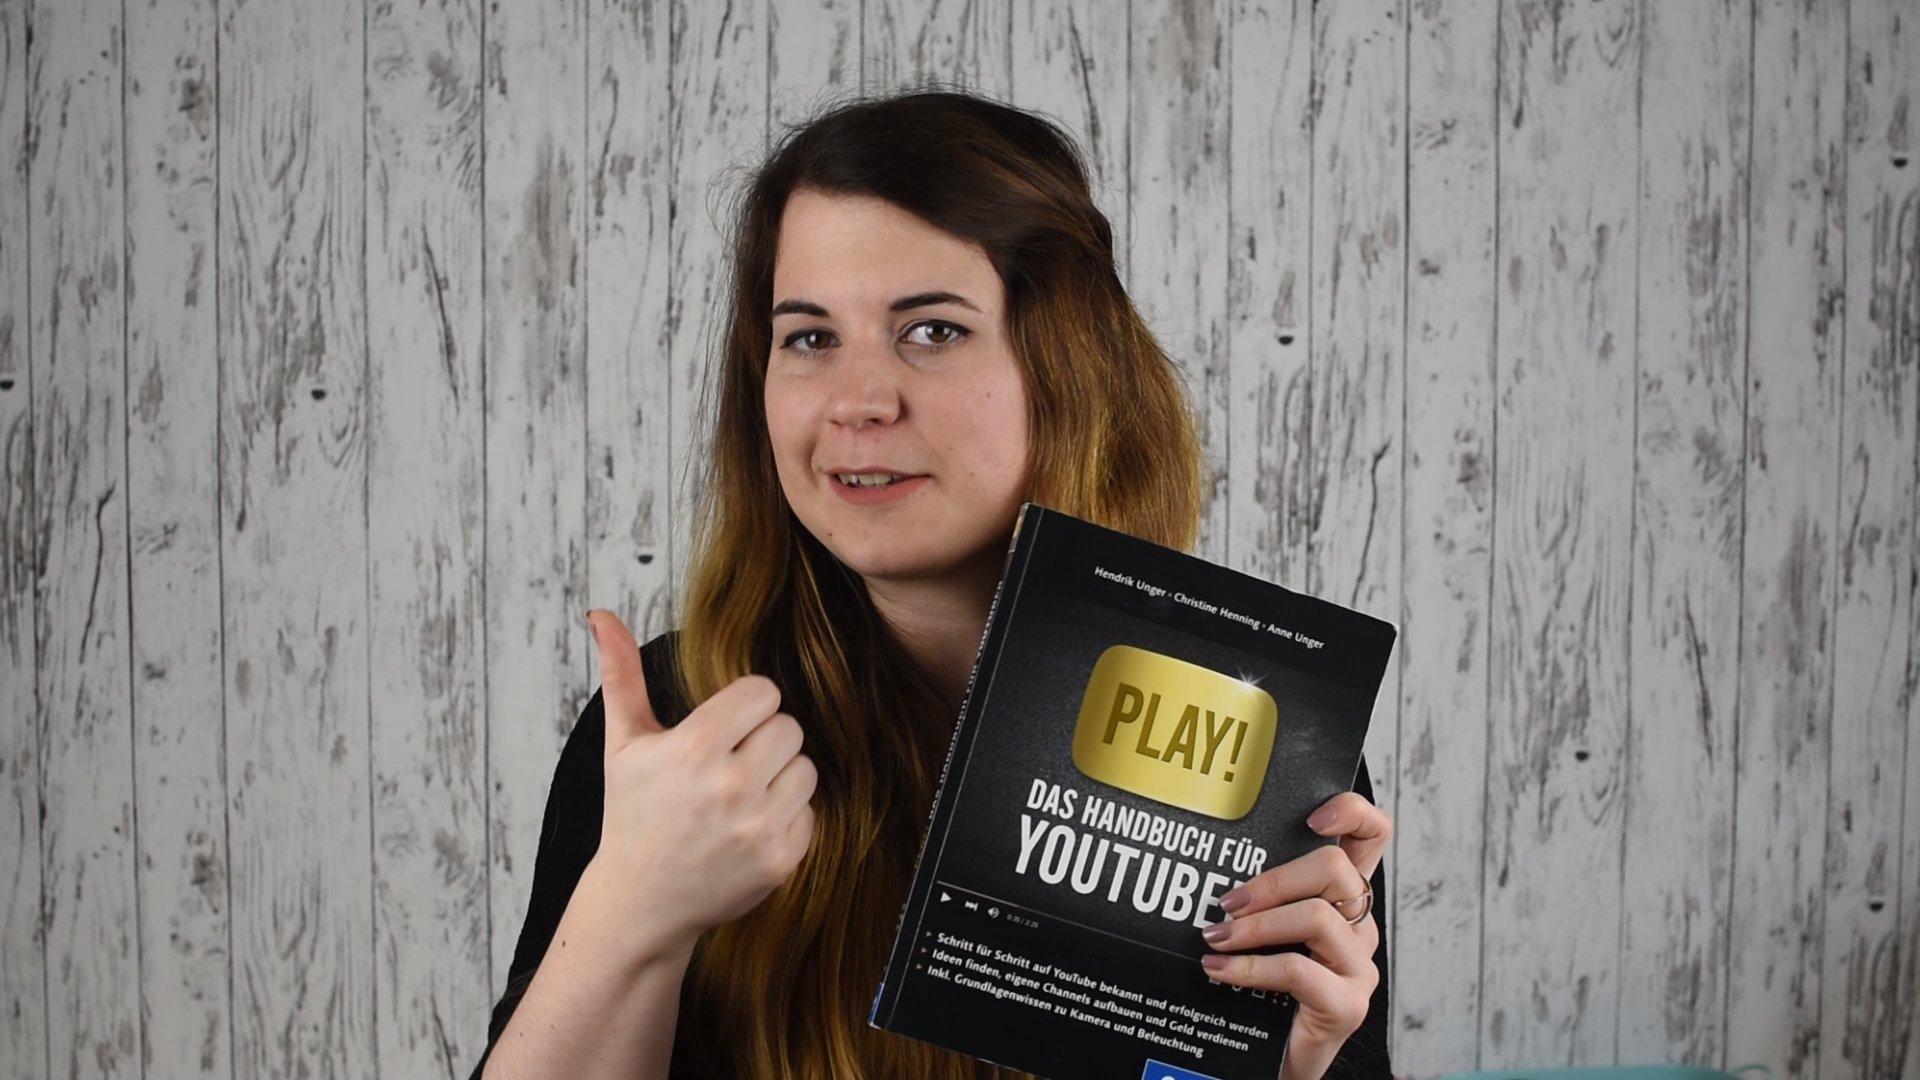 Play! Das Handbuch für YouTuber [Anzeige]